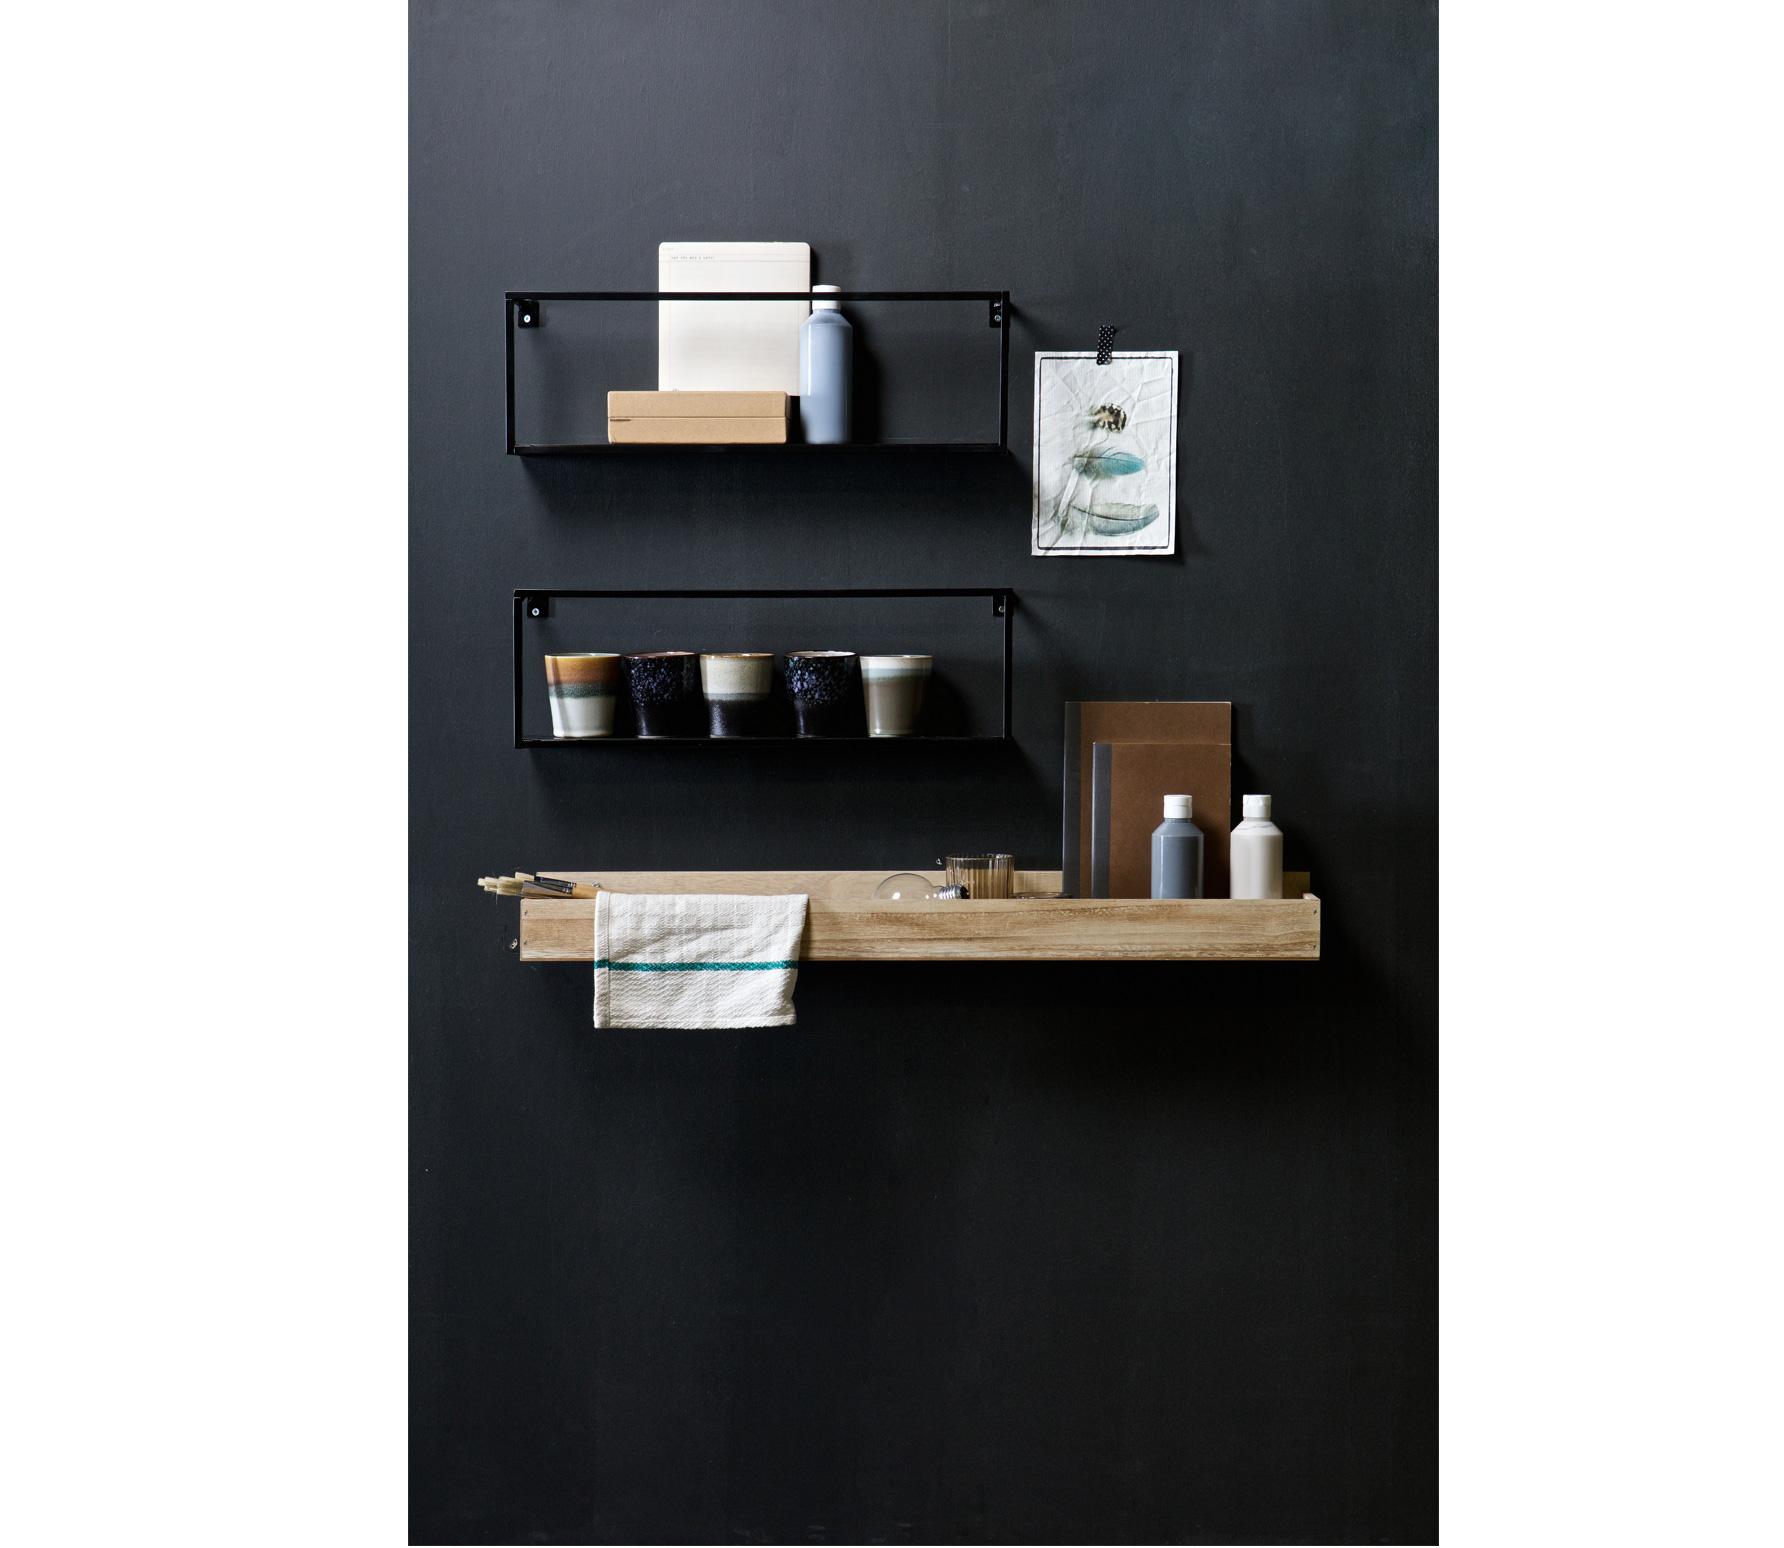 woood meert wandrek eiken planken wordt gratis thuisbezorgd met 60 dagen gratis retourgarantie. Black Bedroom Furniture Sets. Home Design Ideas